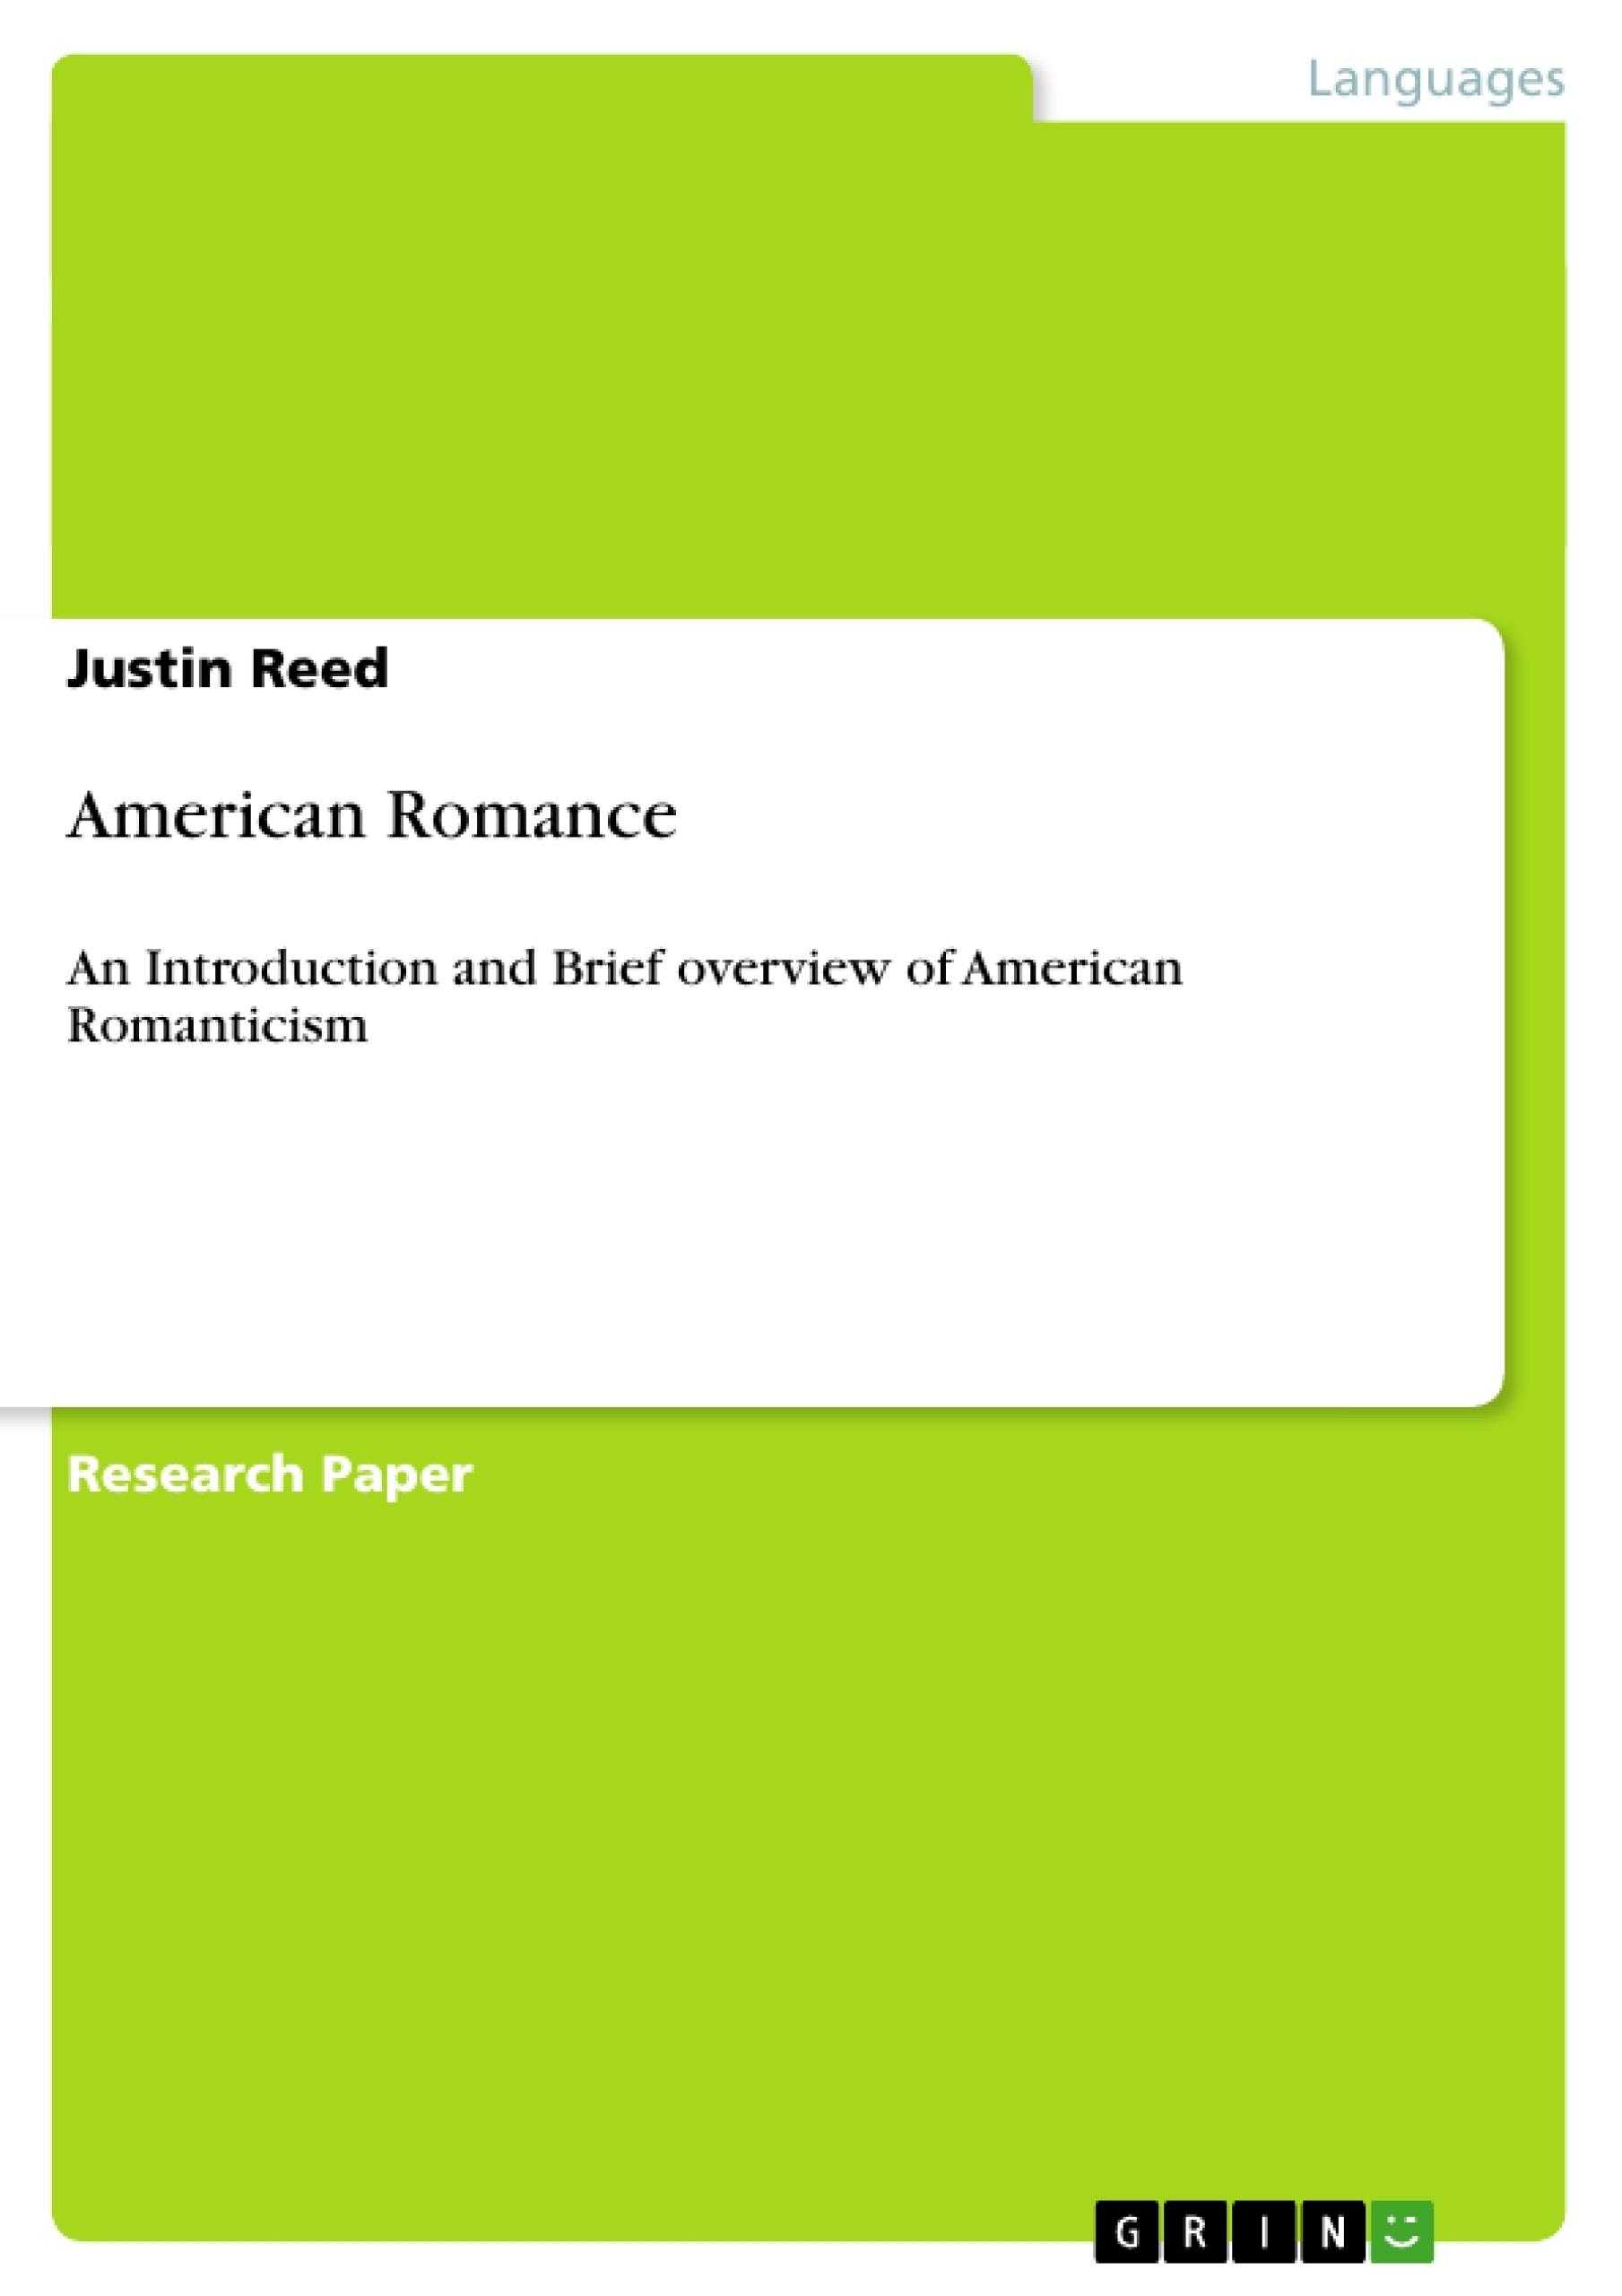 Title: American Romance